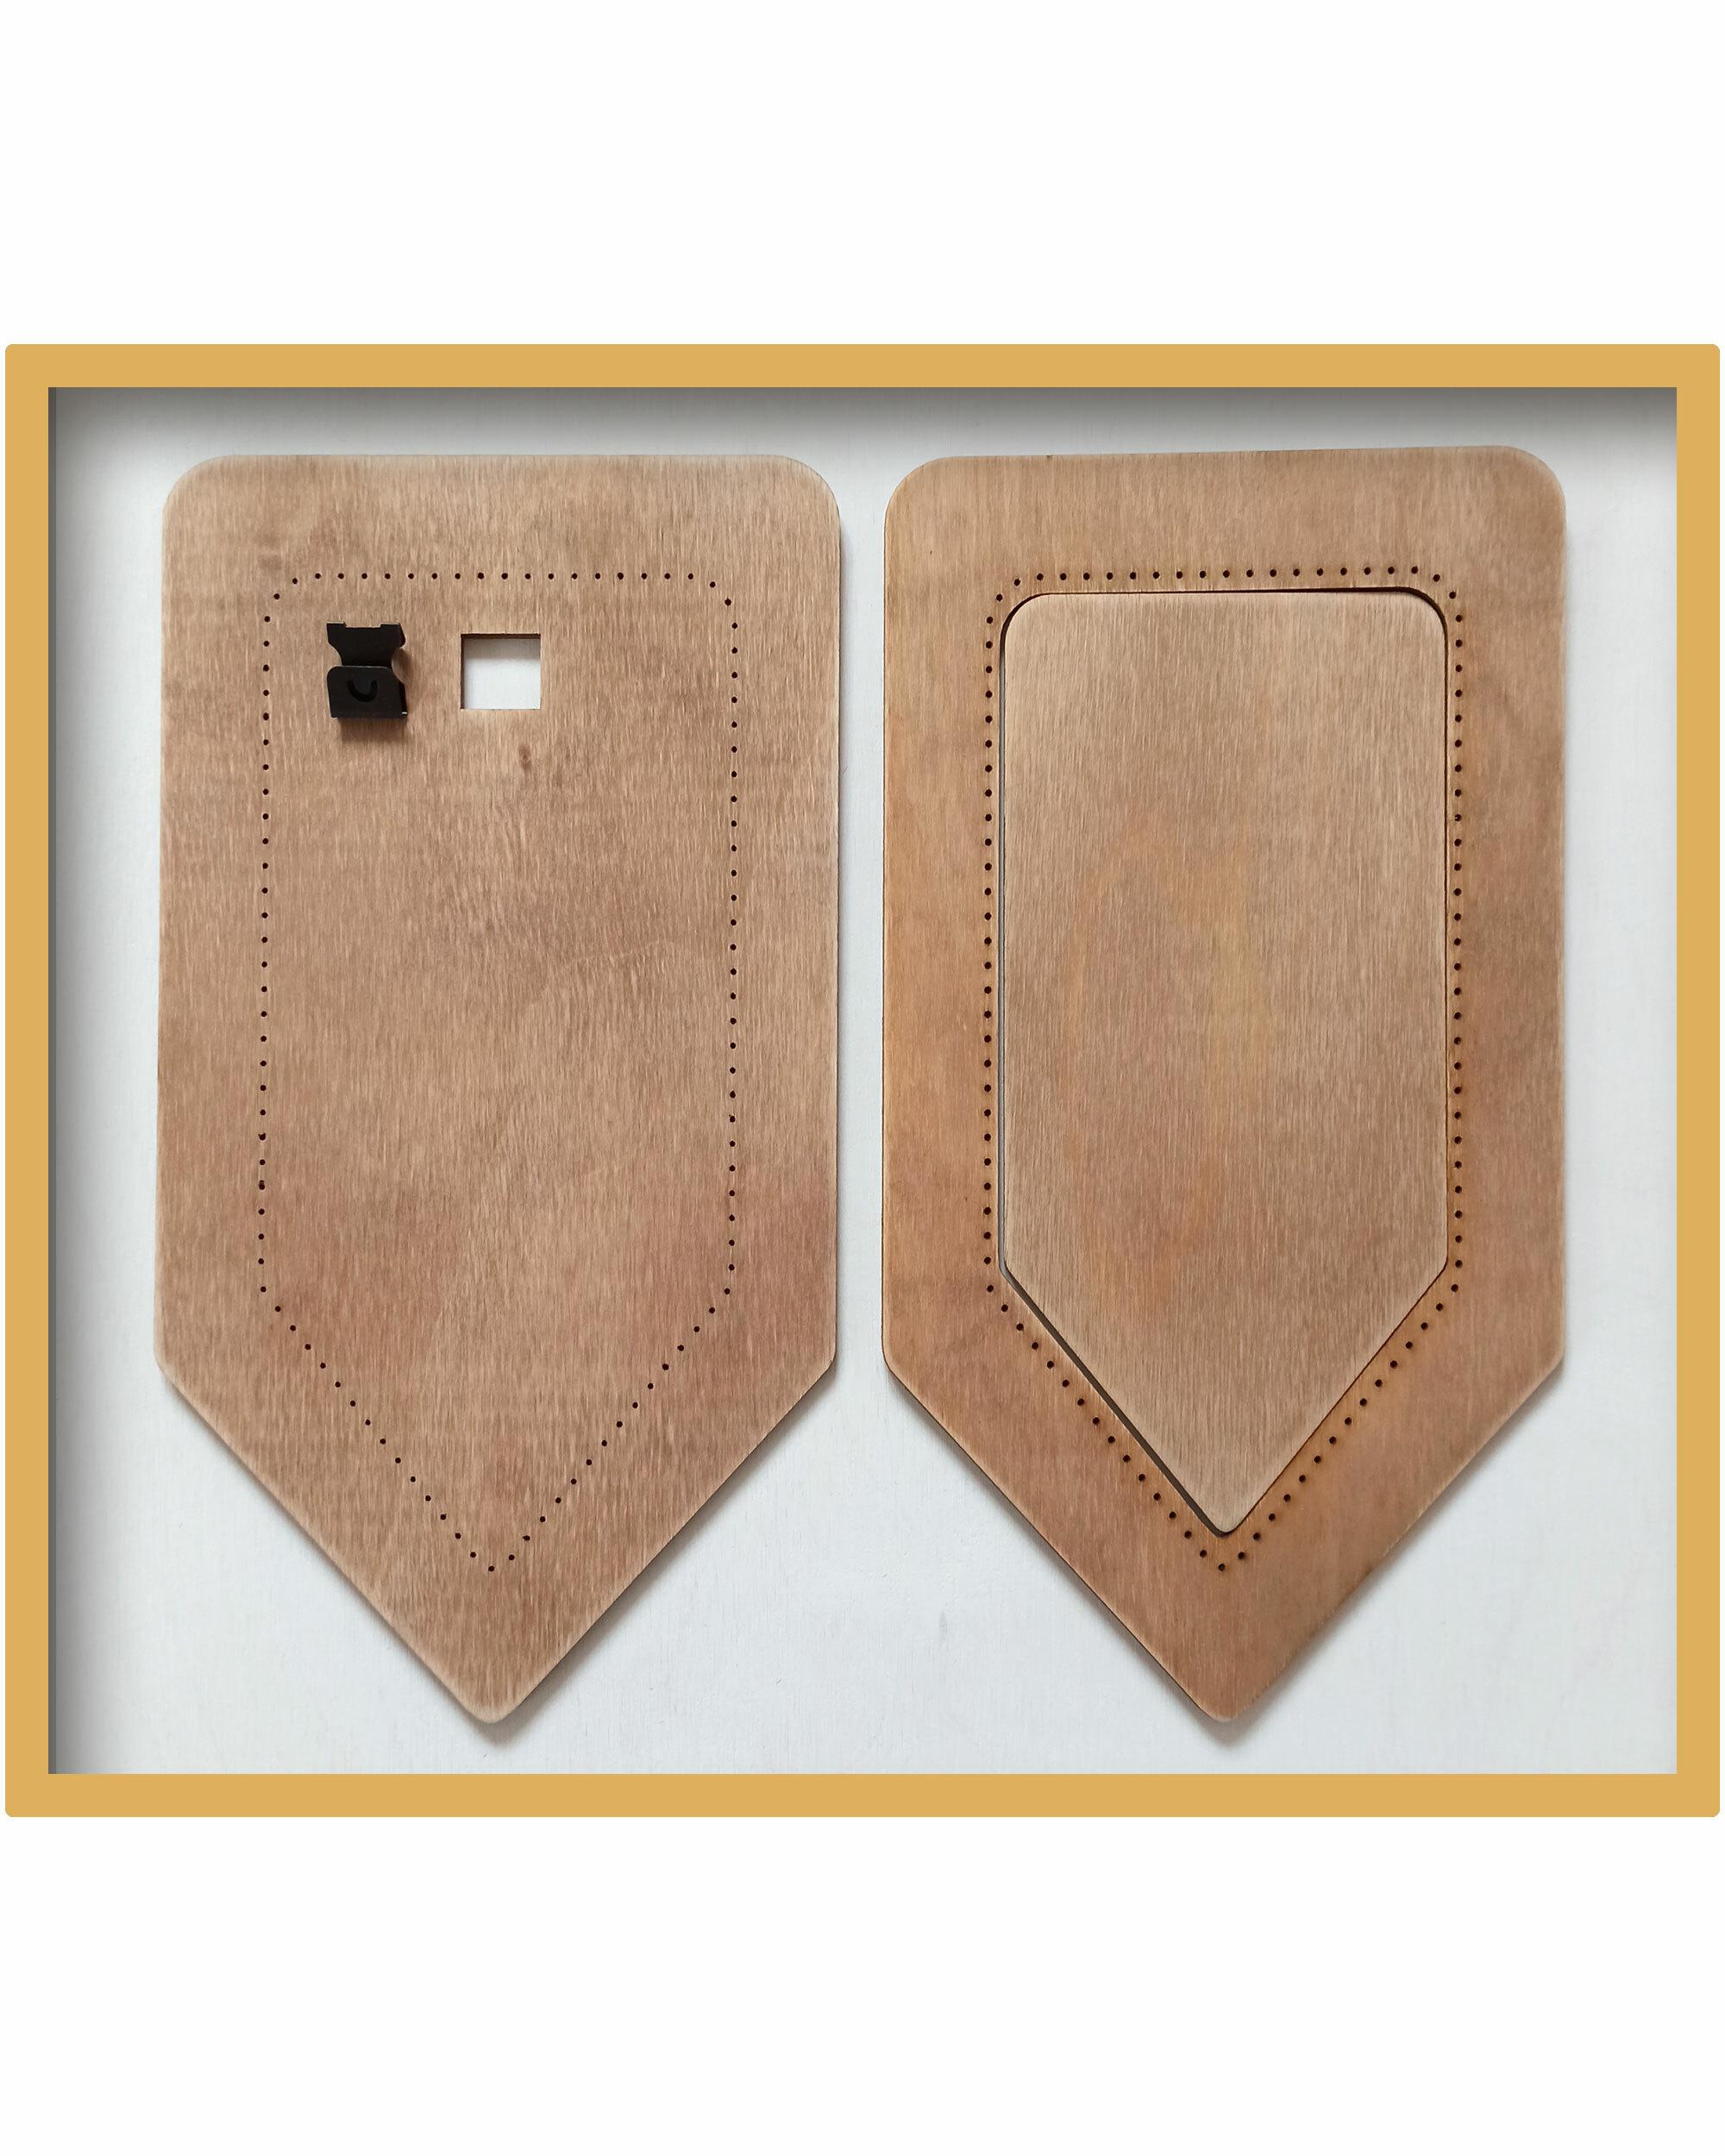 Рамка для вышивки Флажок (цвет Орех)